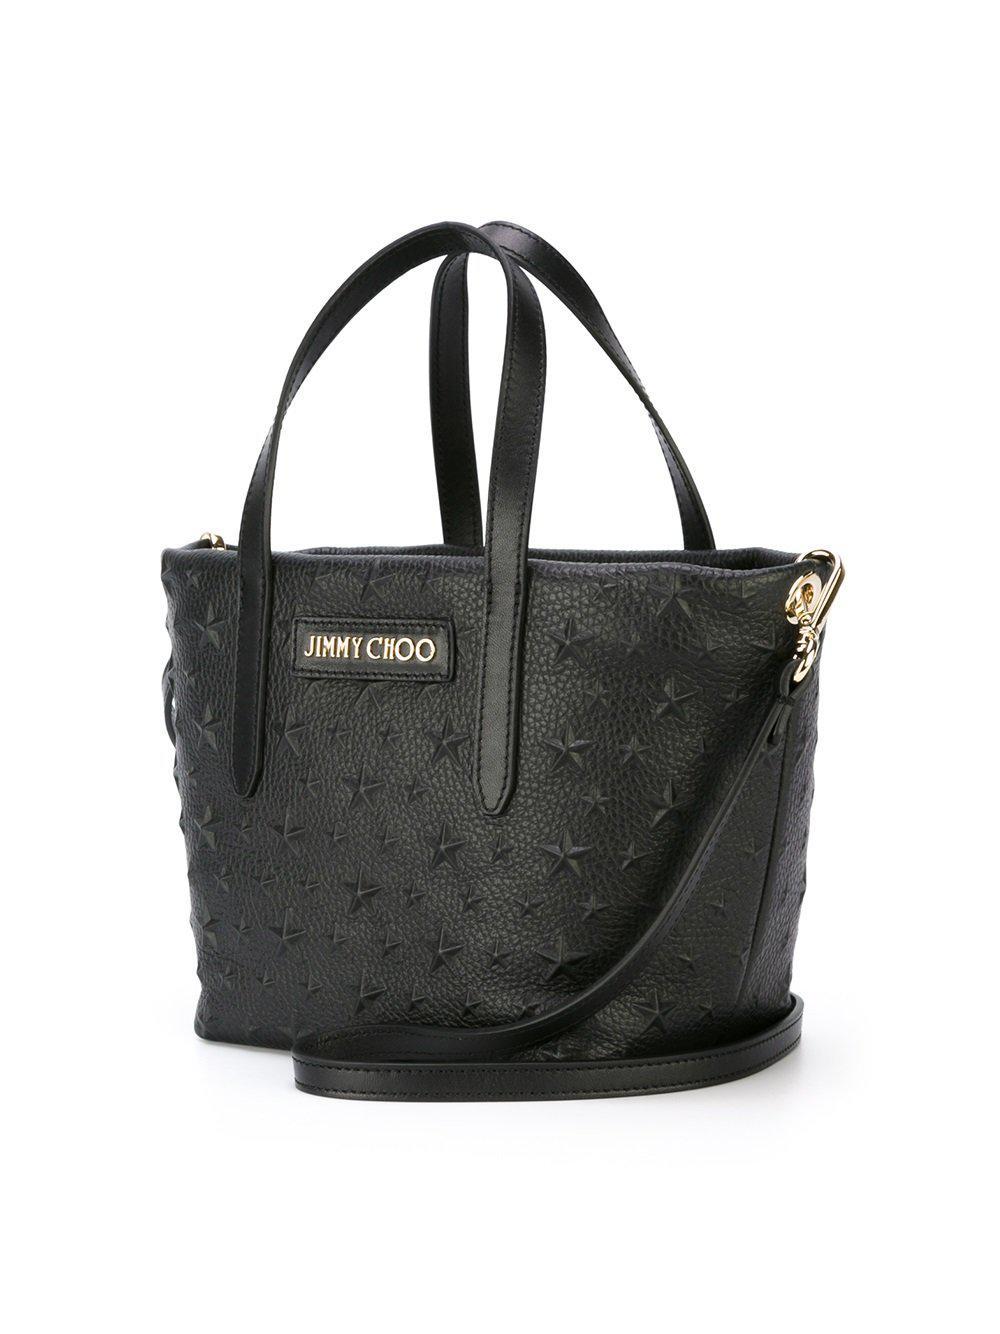 8fde1f7f1b5 Jimmy Choo Mini 'sara' Crossbody Bag in Black - Lyst